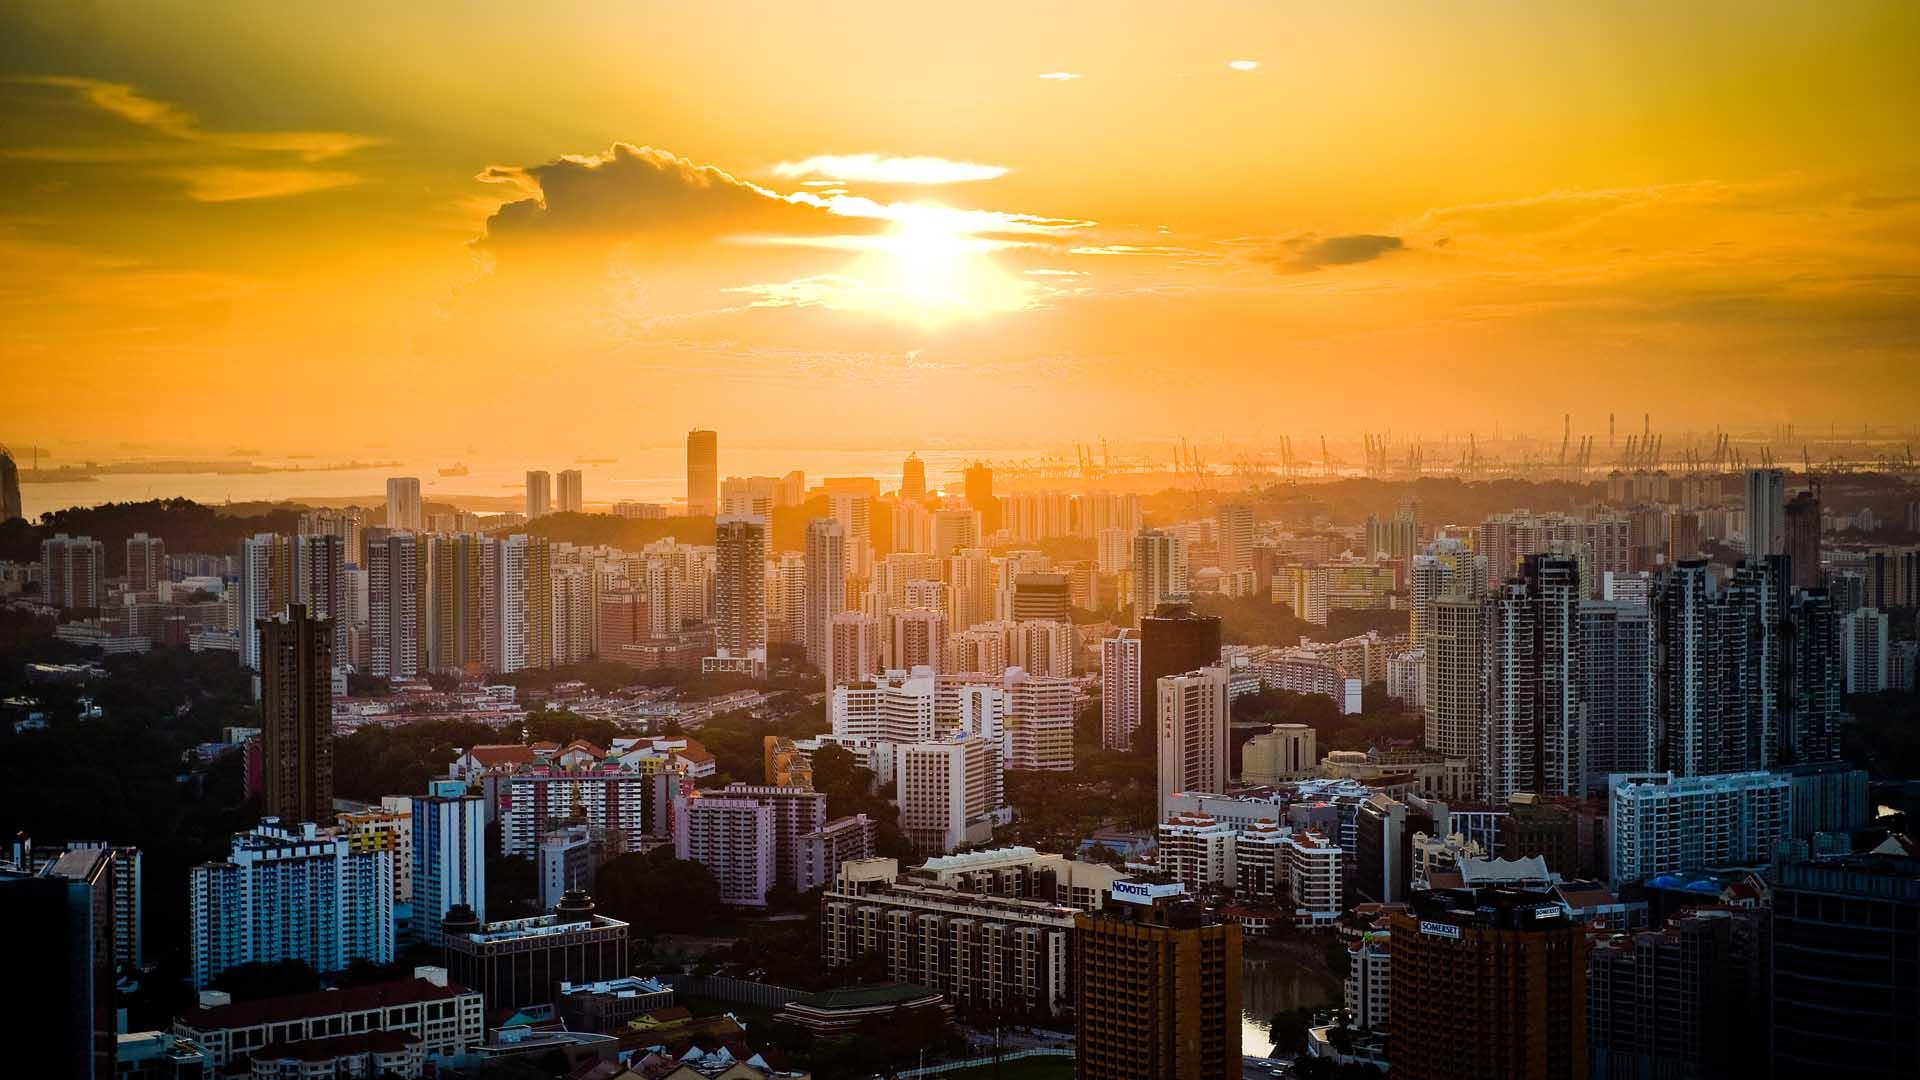 Reportage-Bild aus Singapur für meine Businessfotografie